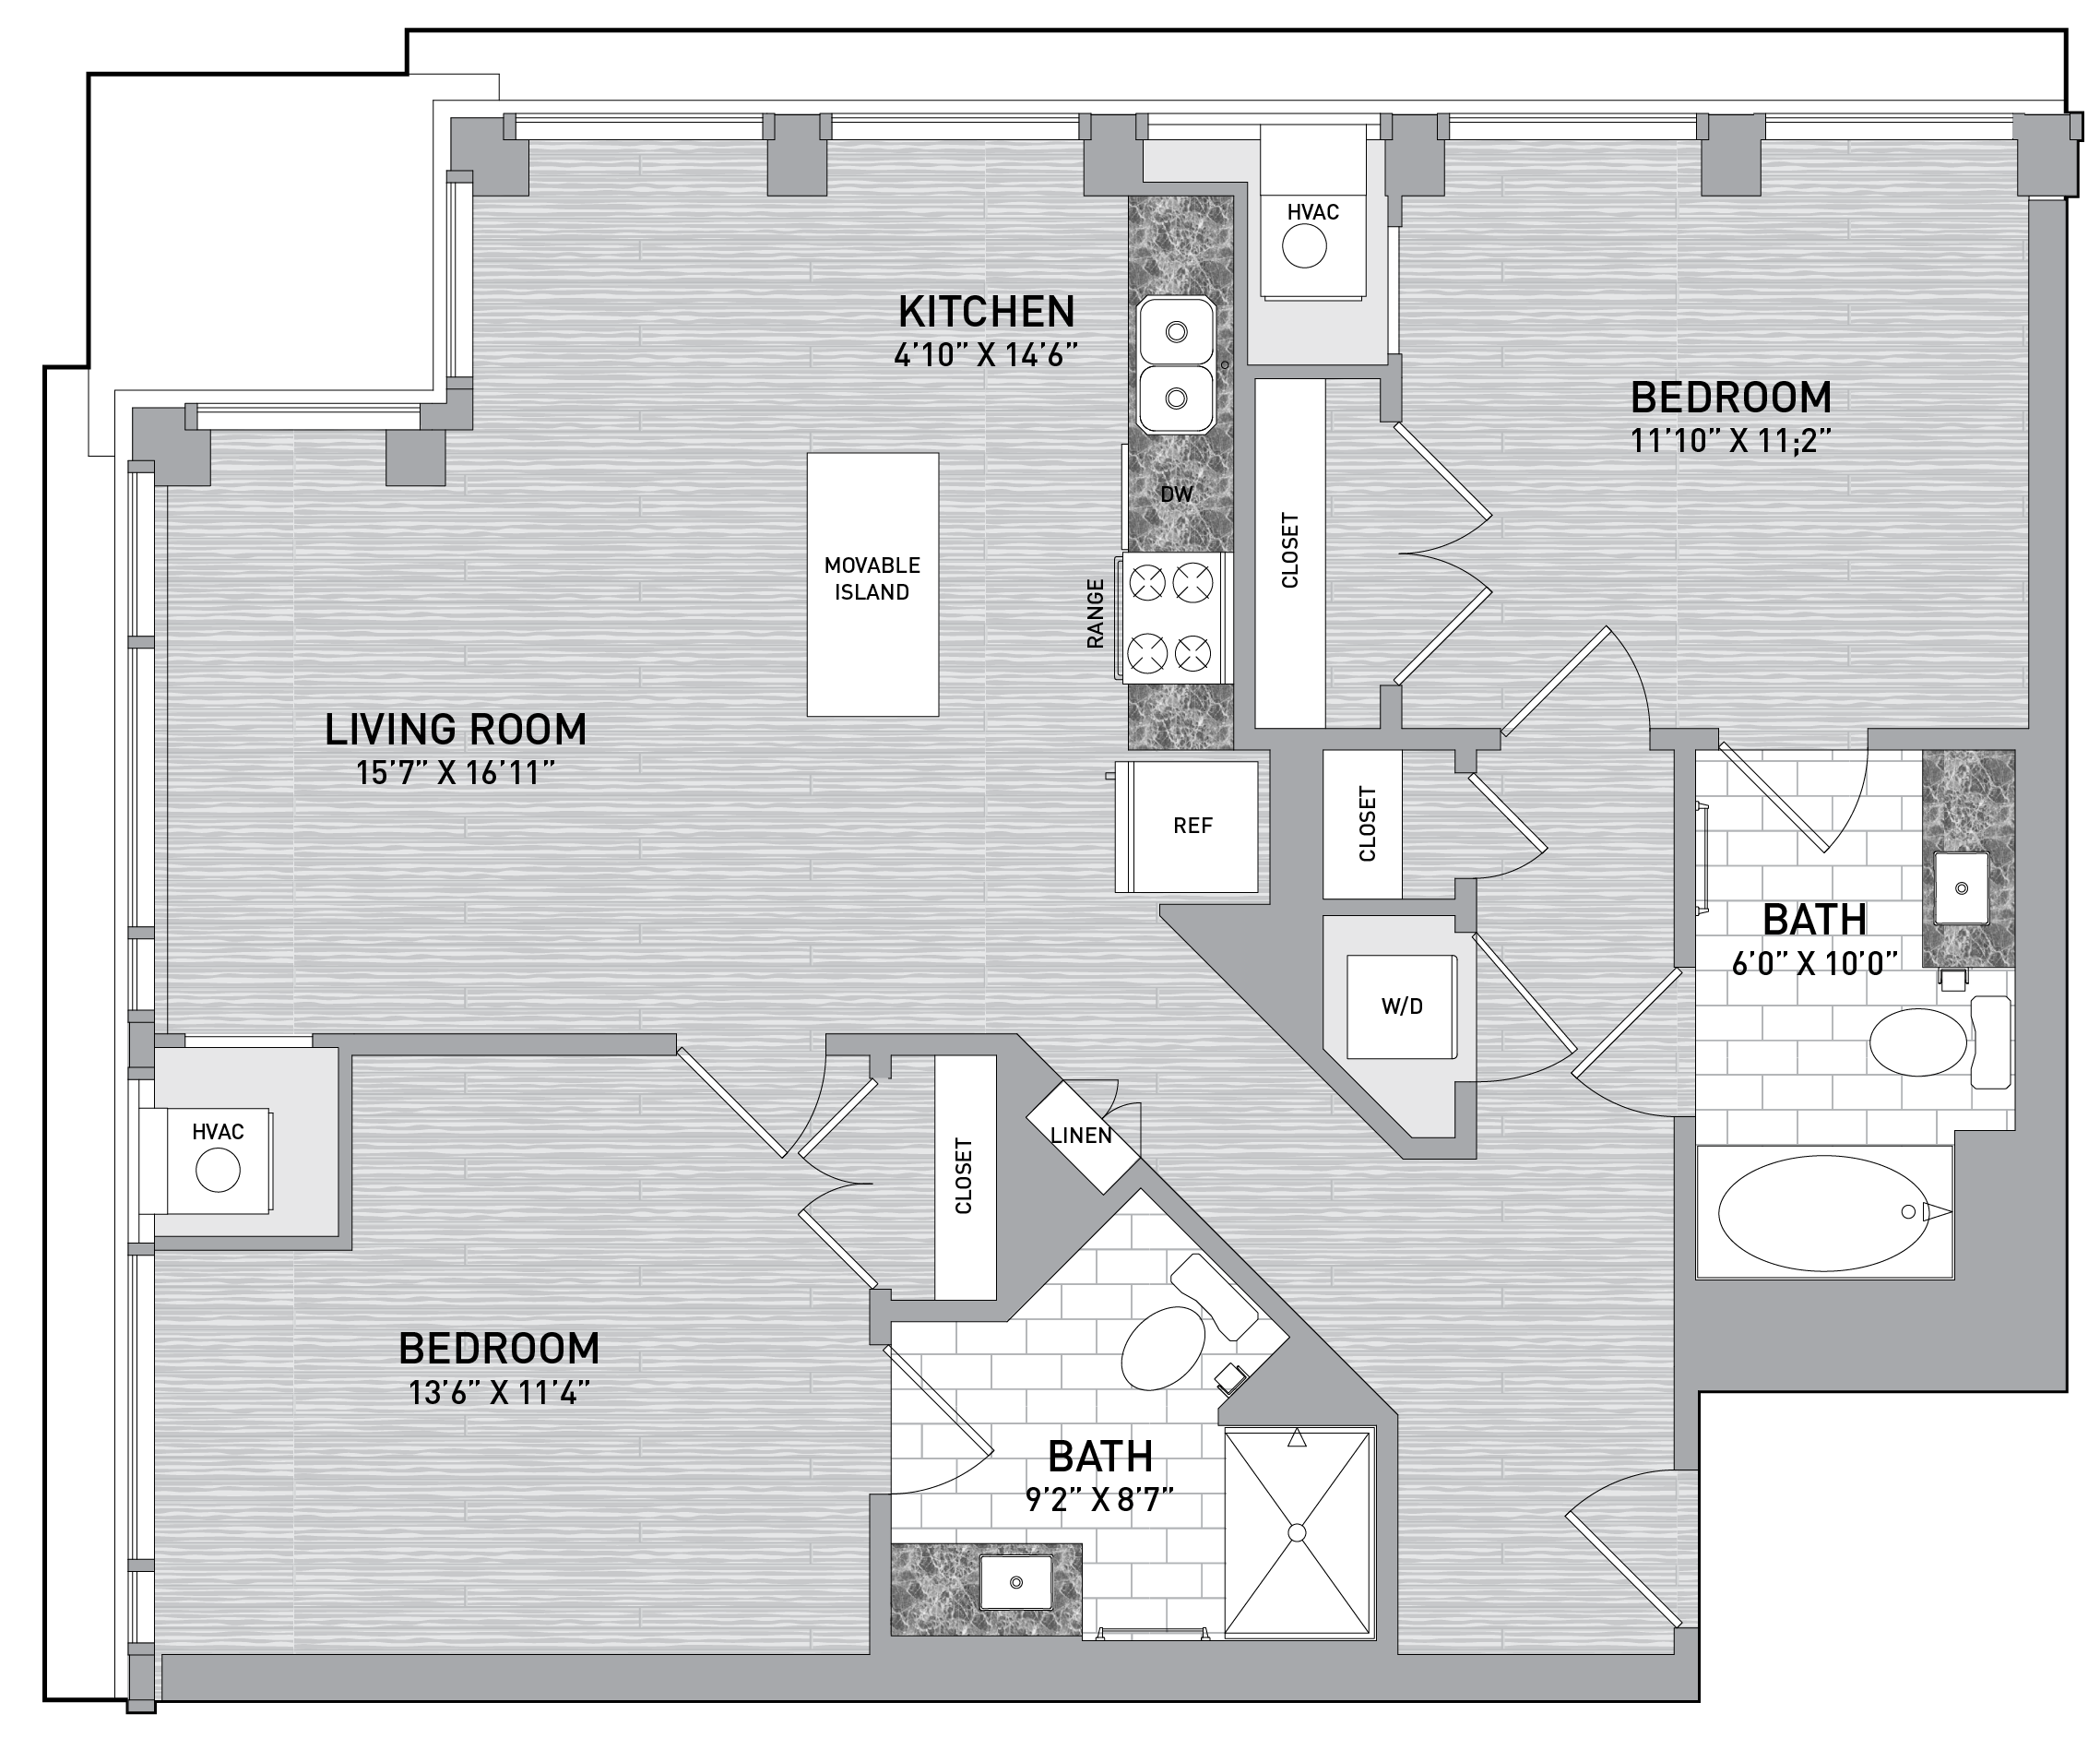 floorplan image of unit id 0933